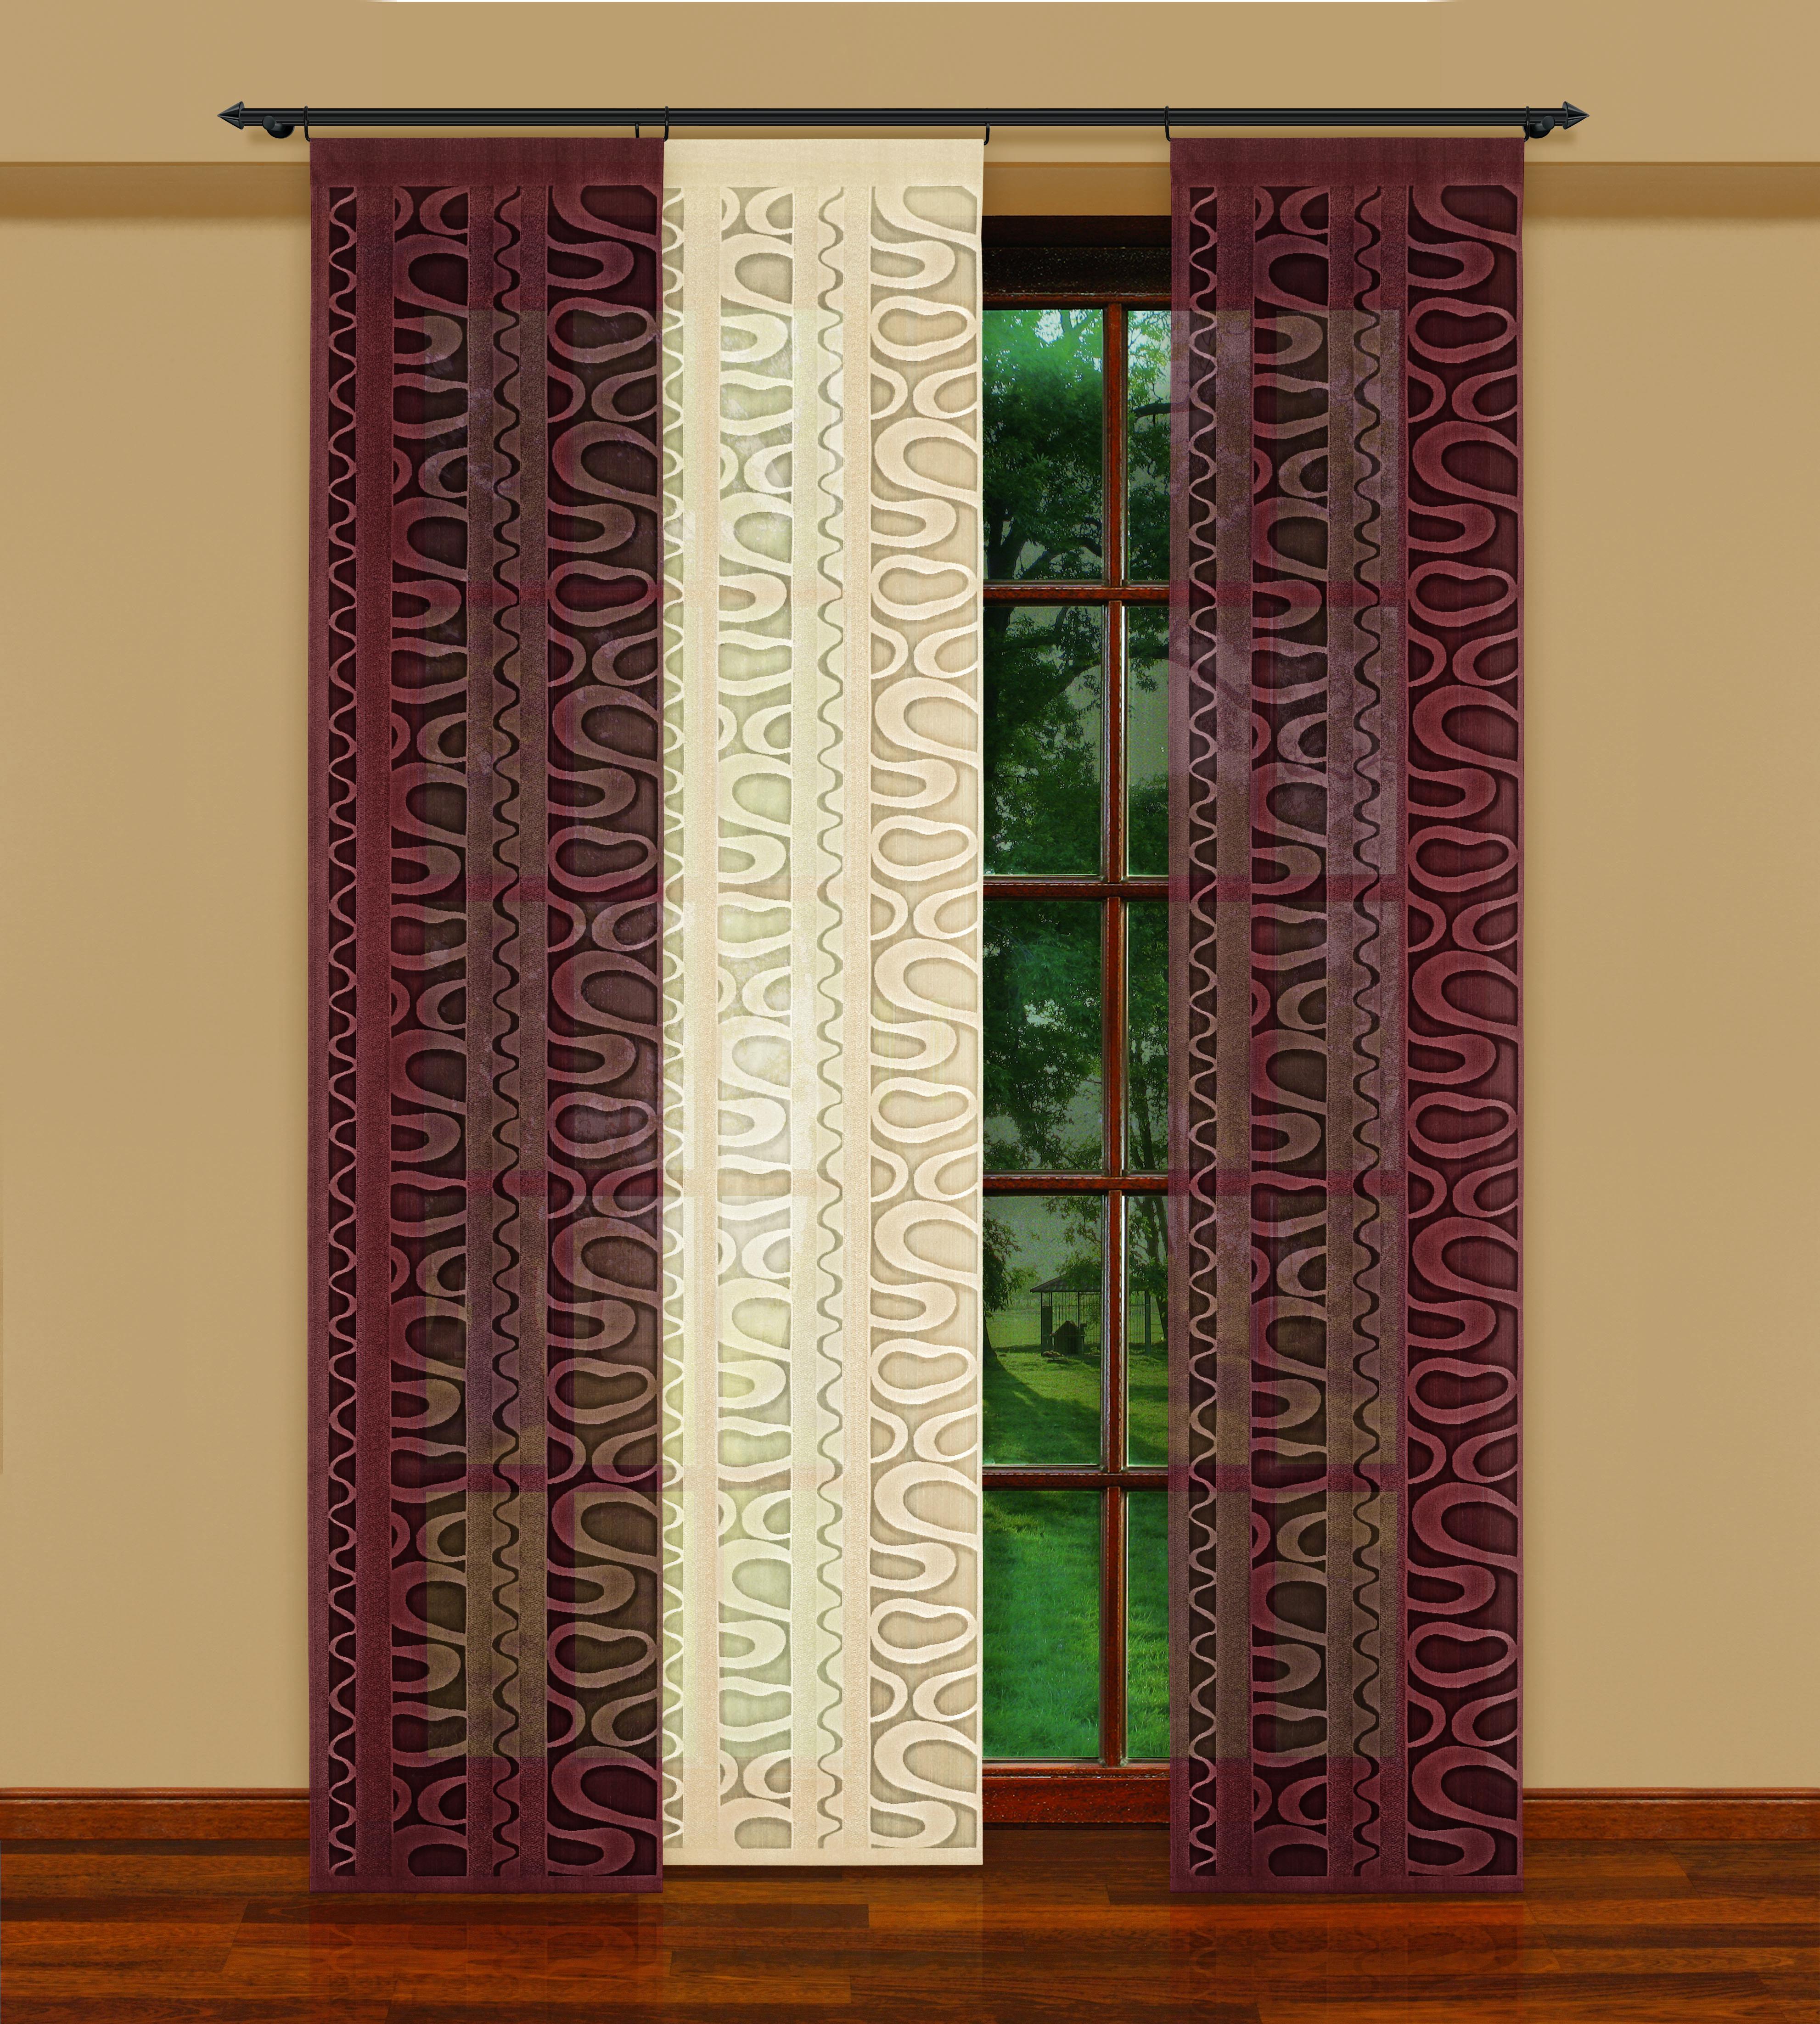 Гардина-панно HAFT 250*50. 207350/50 коричневый207350/50 коричневыйГардина-панно XAFT 250*50. 207350/50 коричневый Материал: 100% п/э, размер: 250*50, цвет: коричневый